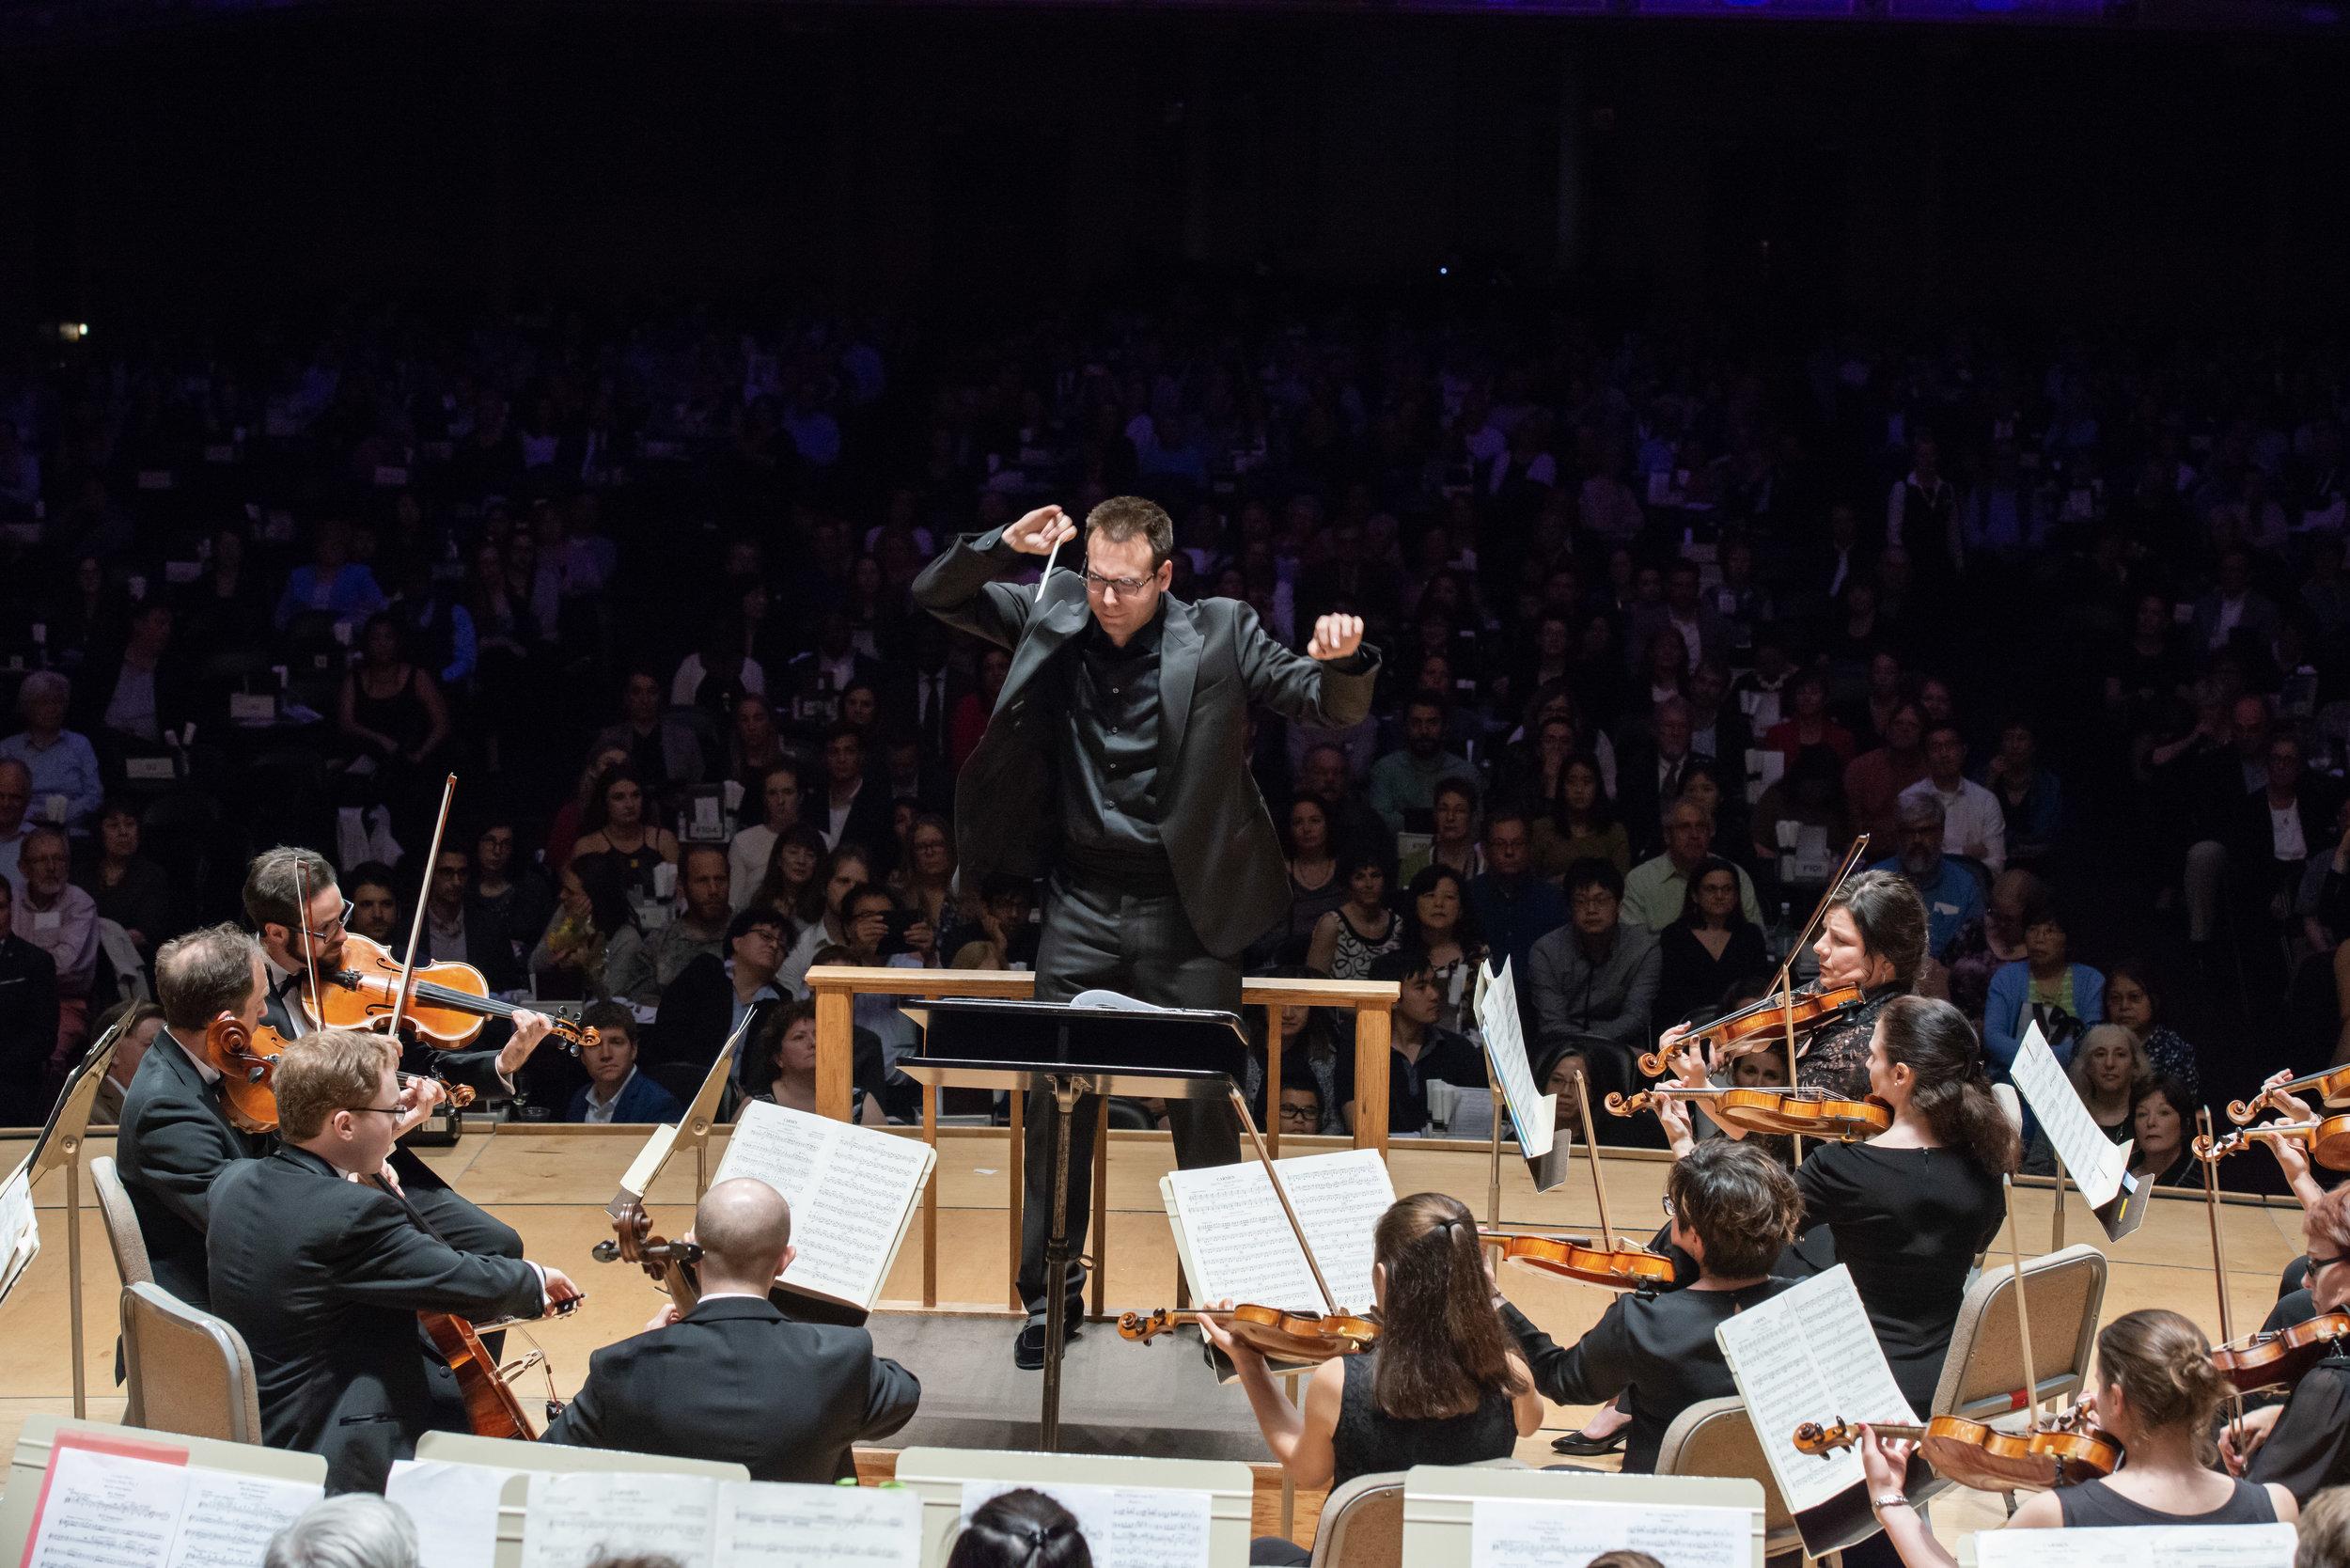 SymphonyForScience-Concert_DSC7209.jpg